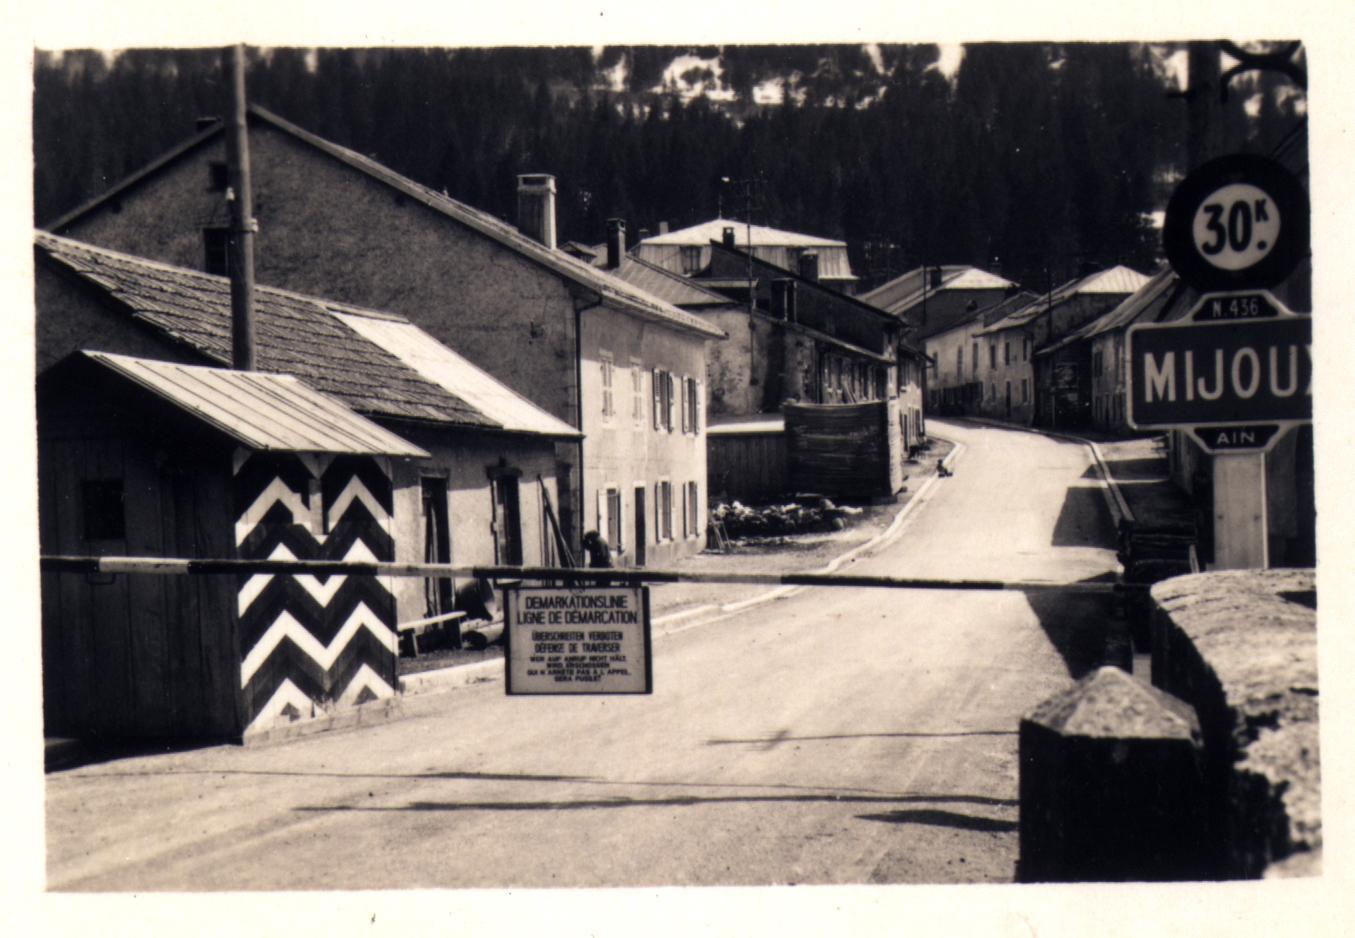 La même à Mijoux, toujours sur la Valserine.